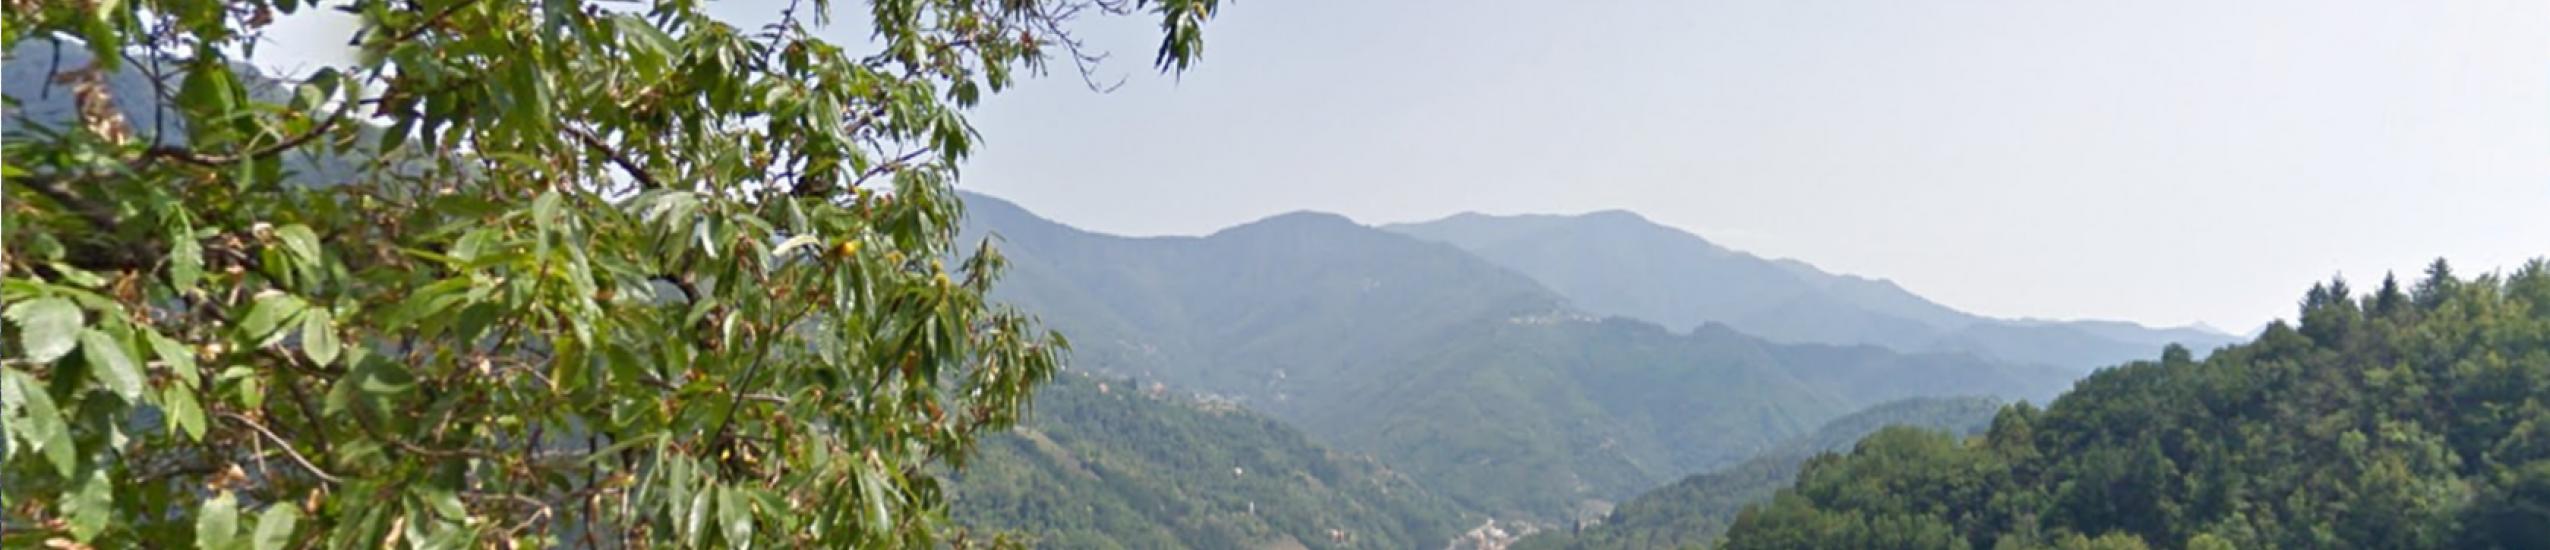 Vista panoramica dalla strada